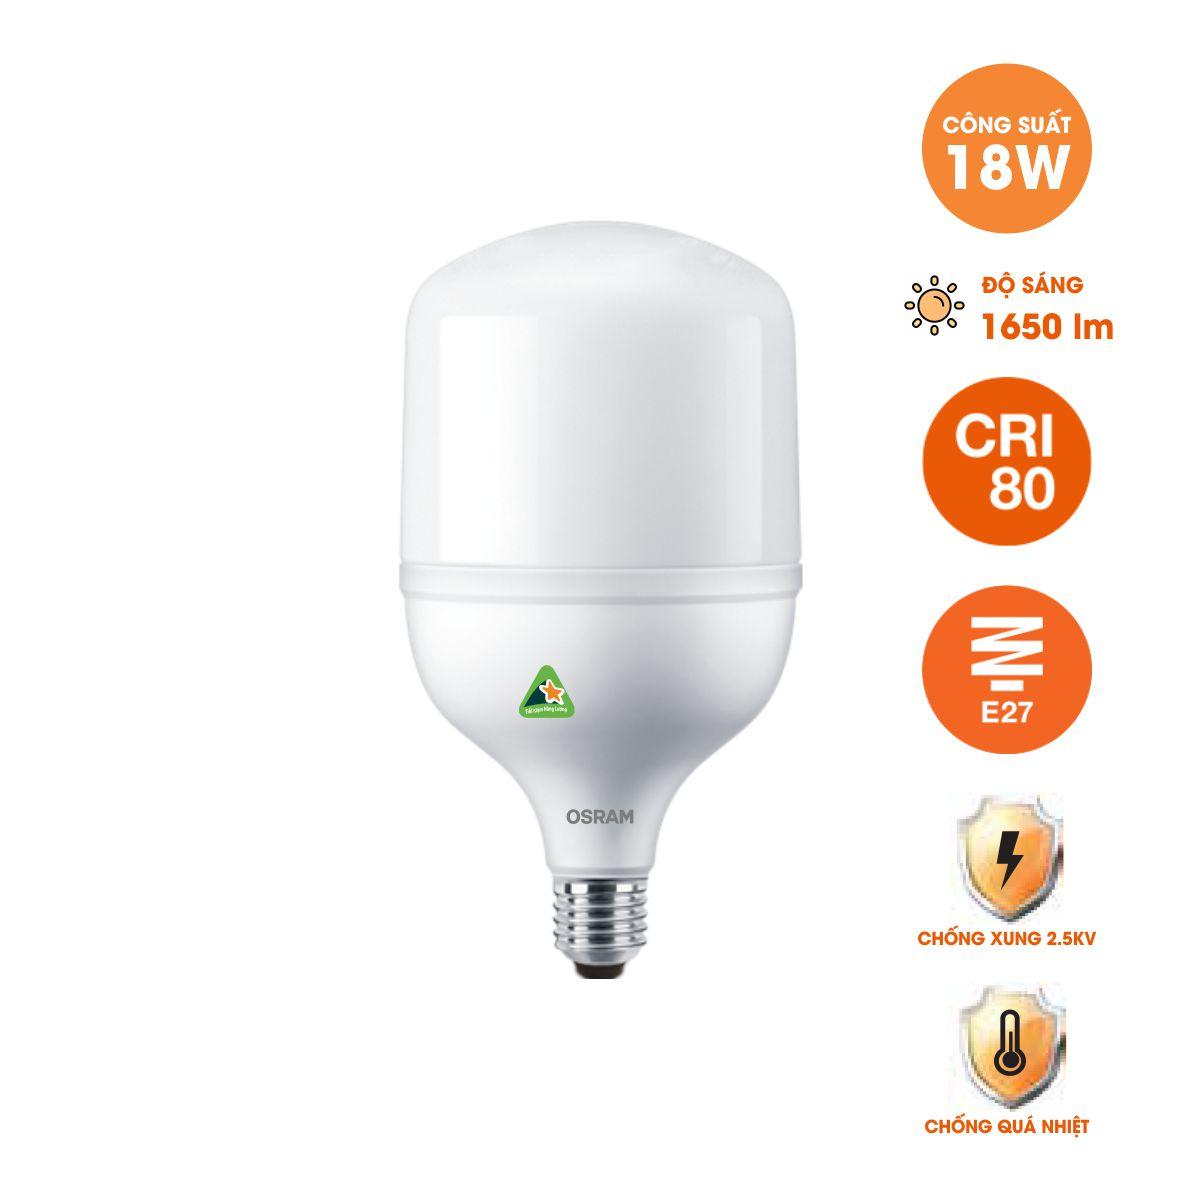 Bóng đèn LED trụ T-Bulb OSRAM E27 - Hiệu suất cao, chất lượng ánh sáng vượt trội